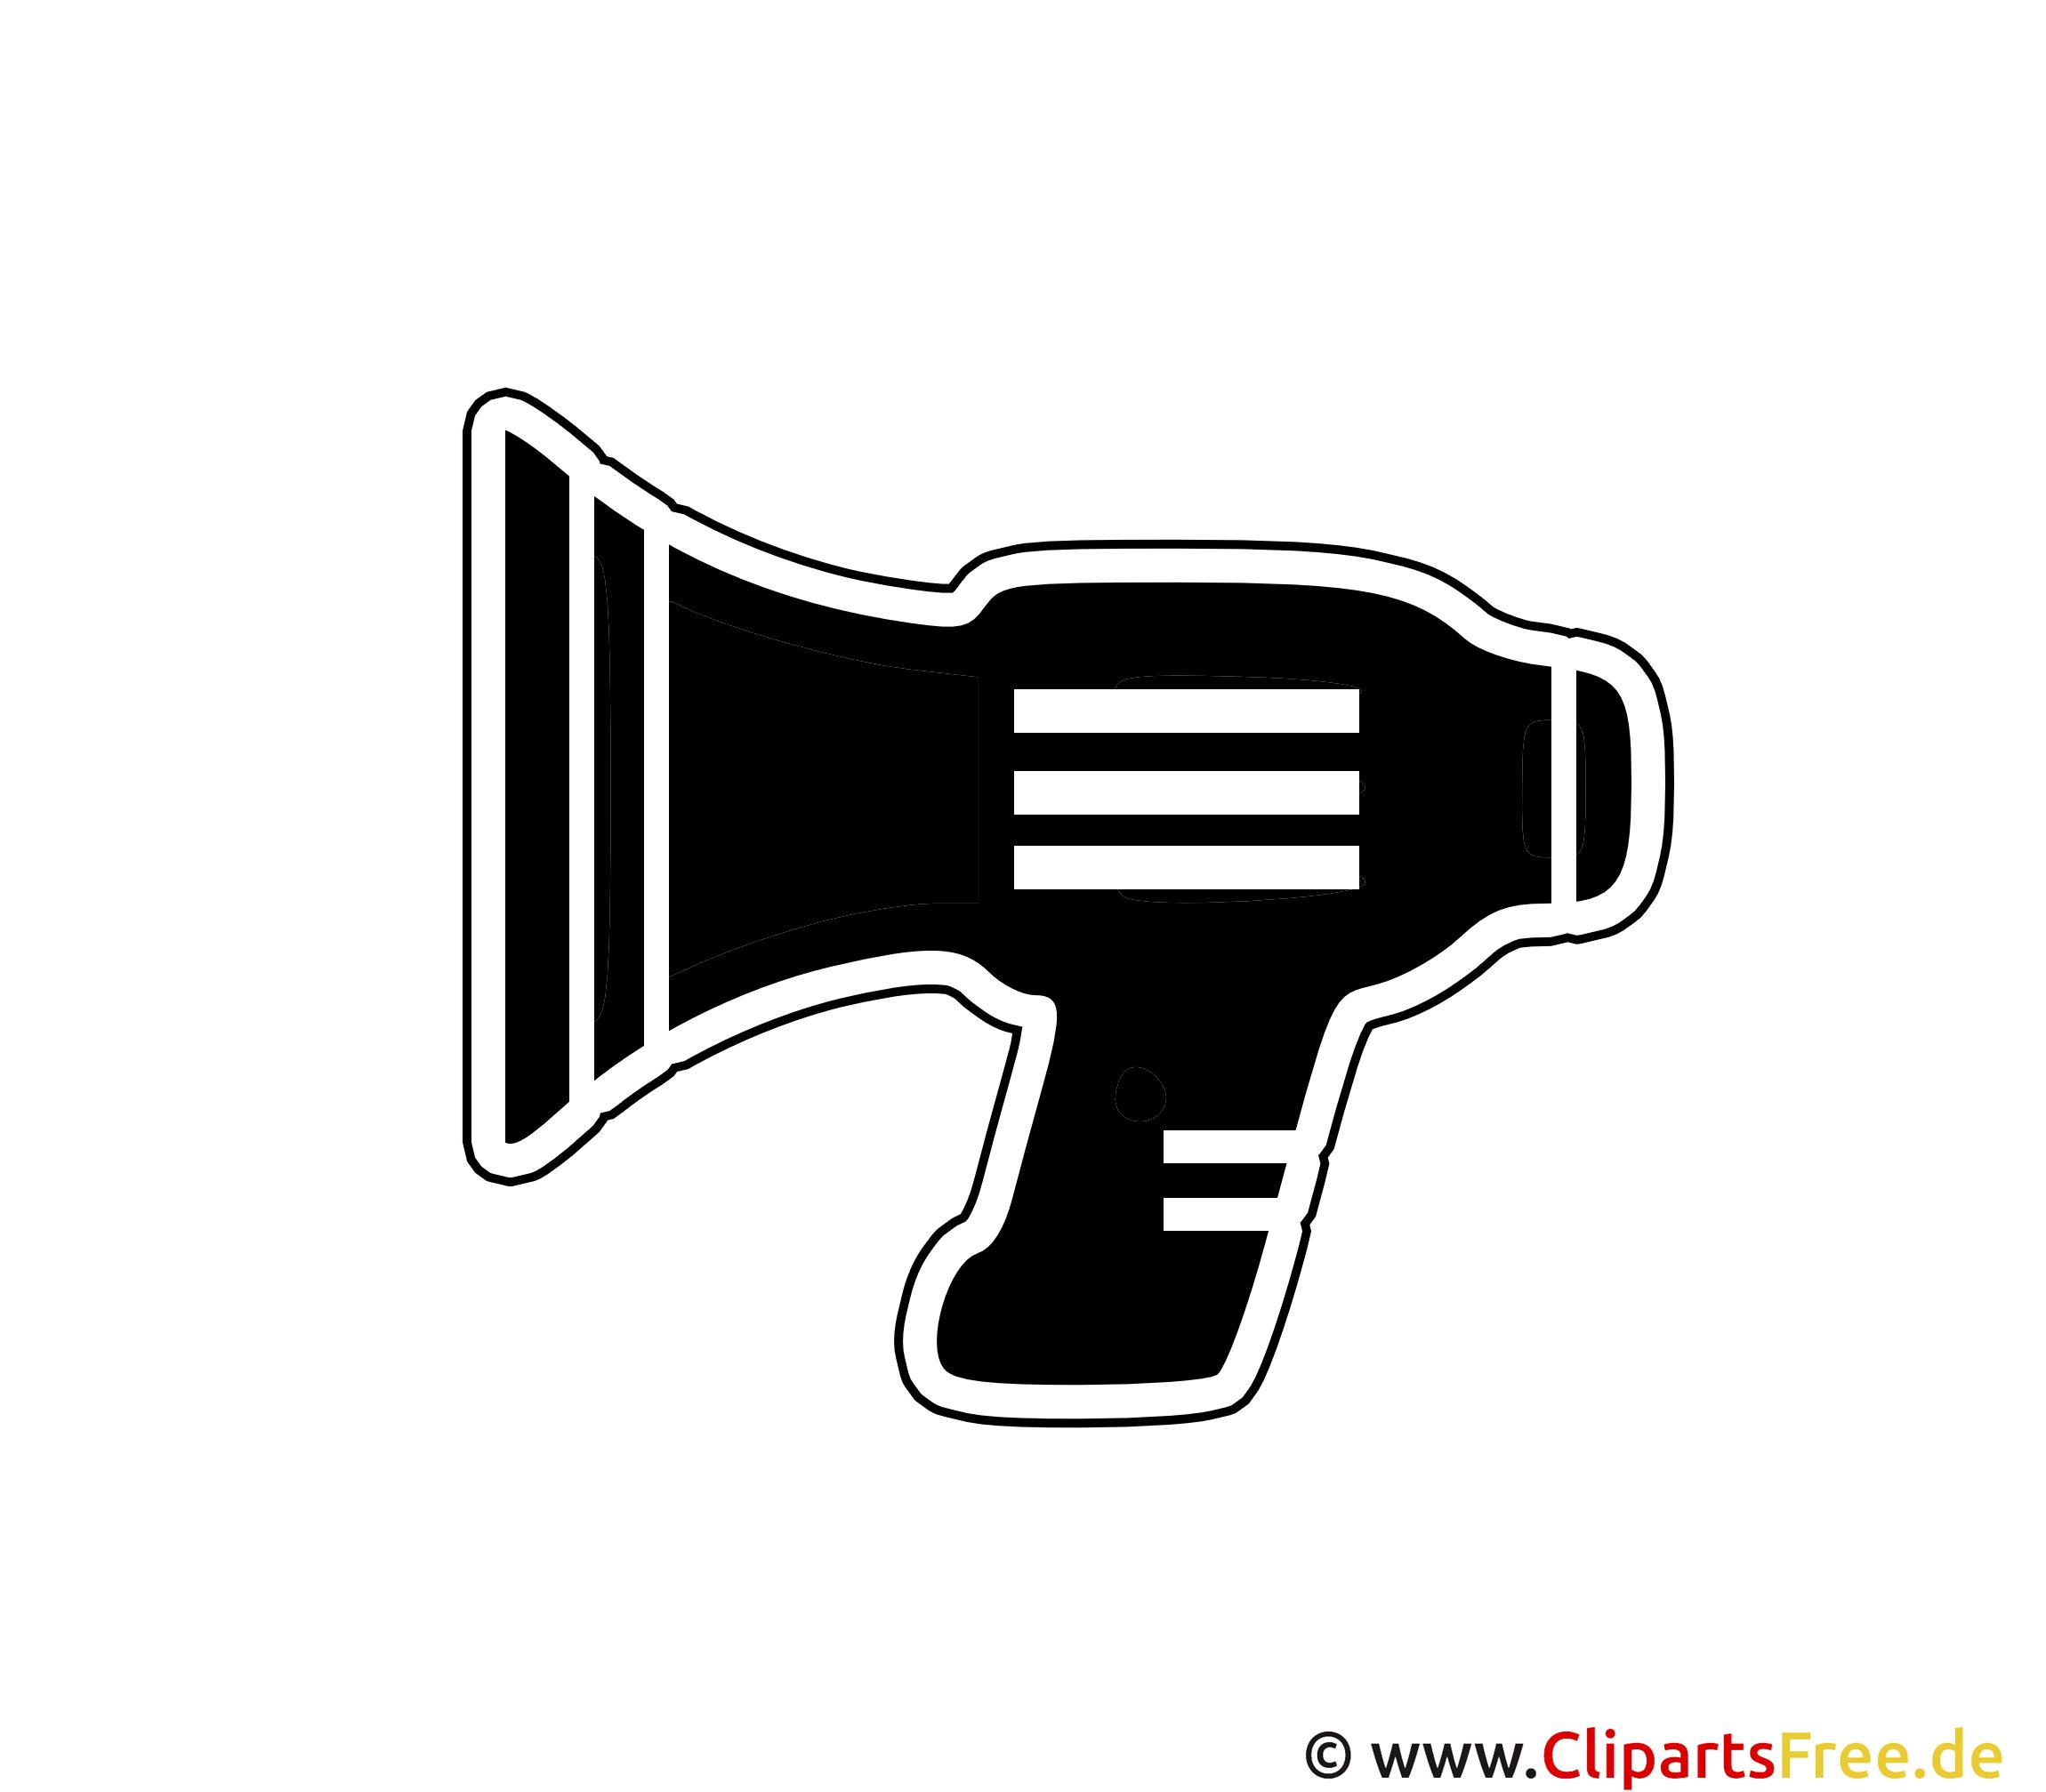 Lautsprecher Clipart